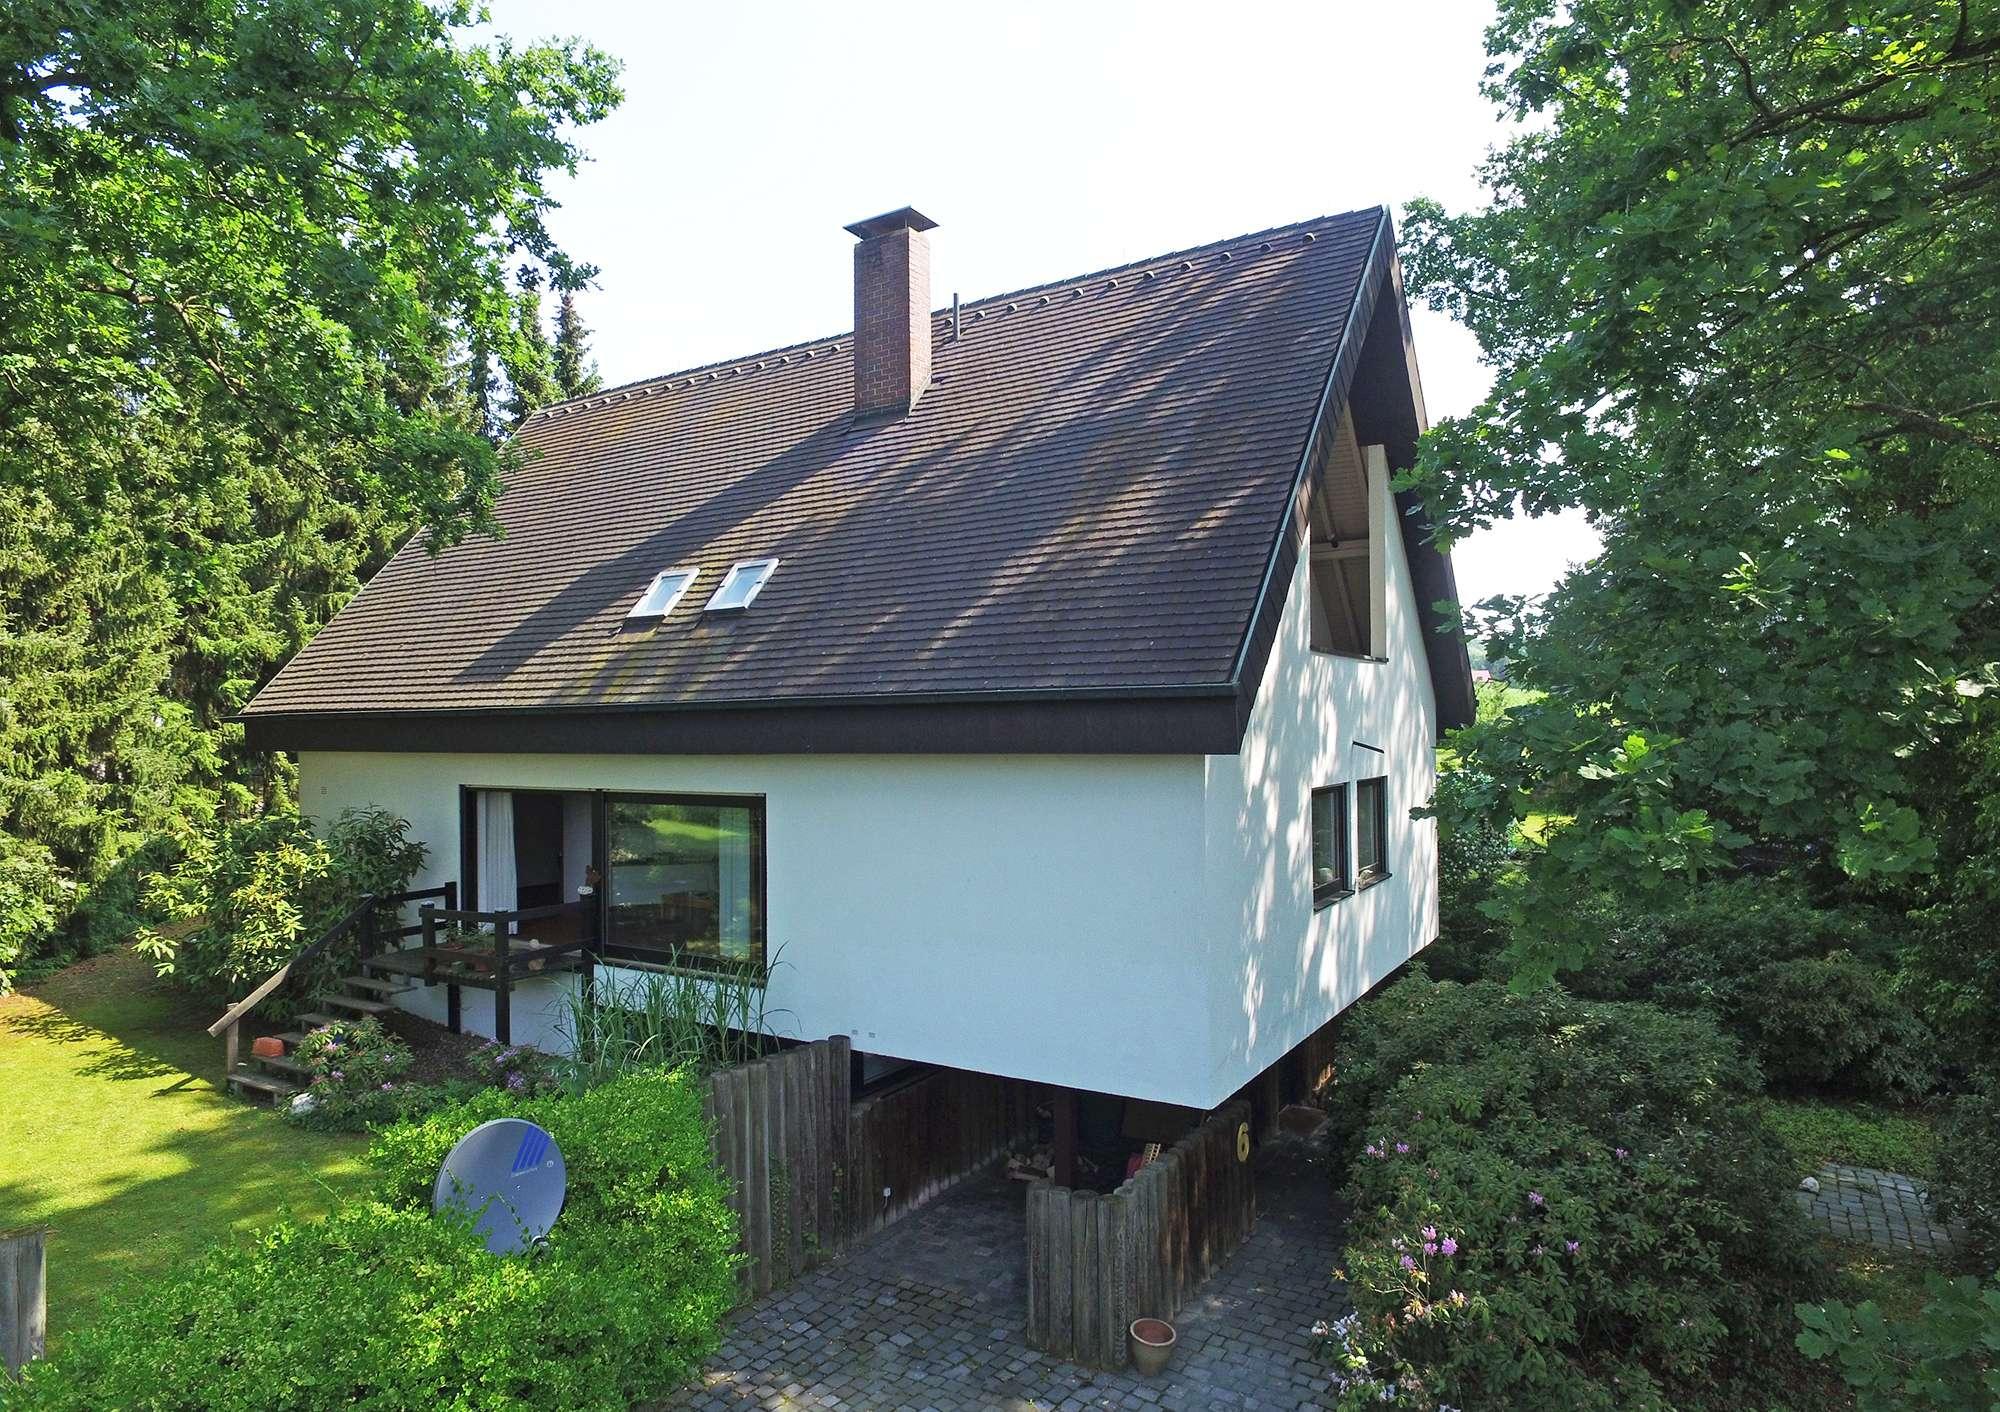 Zeitlos-modernes Architektenhaus in Bayreuther Top-Lage im Zentrum, totale Ruhe & alter Baumbestand!